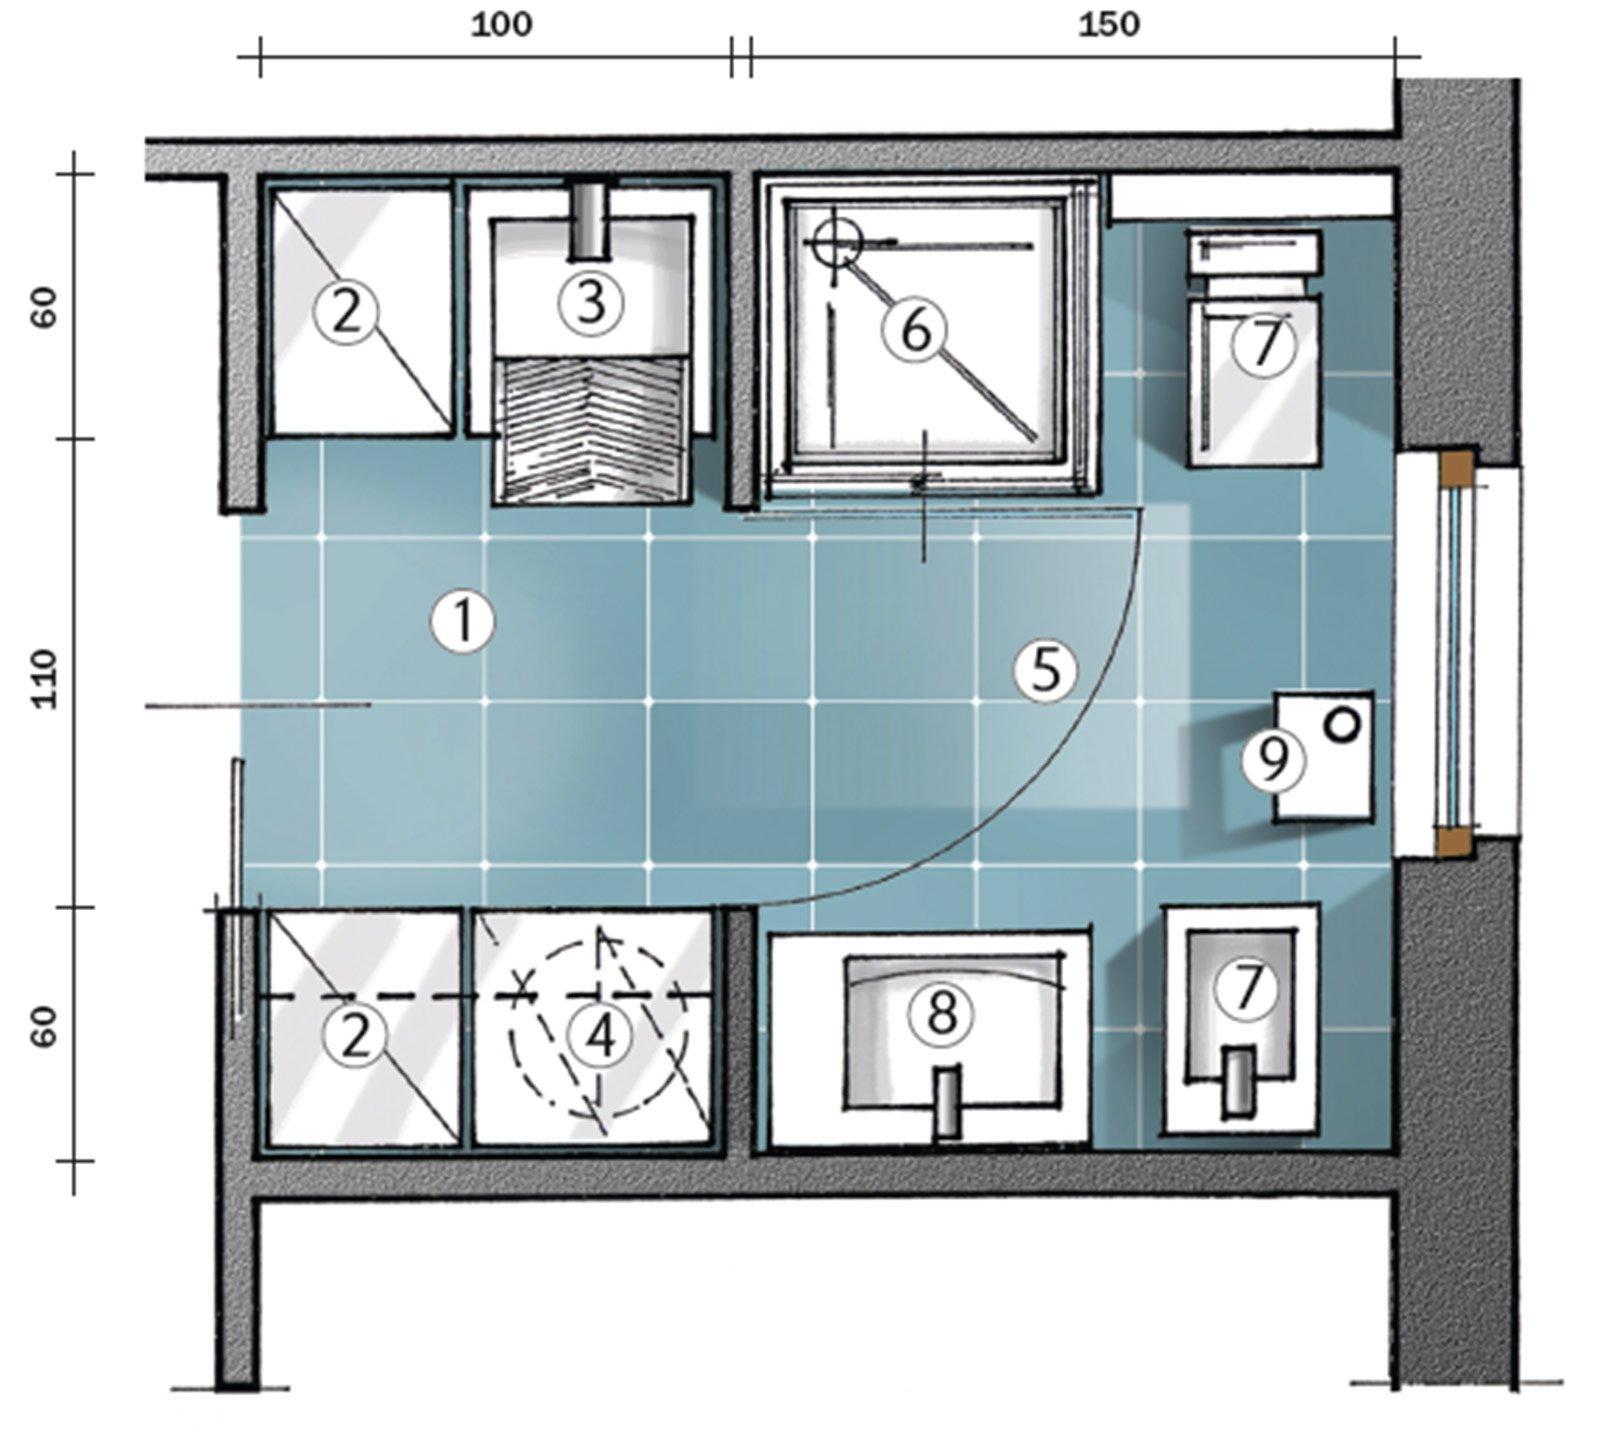 L 39 antibagno che fa da lavanderia cose di casa - Bagno 4 mq arredo ...